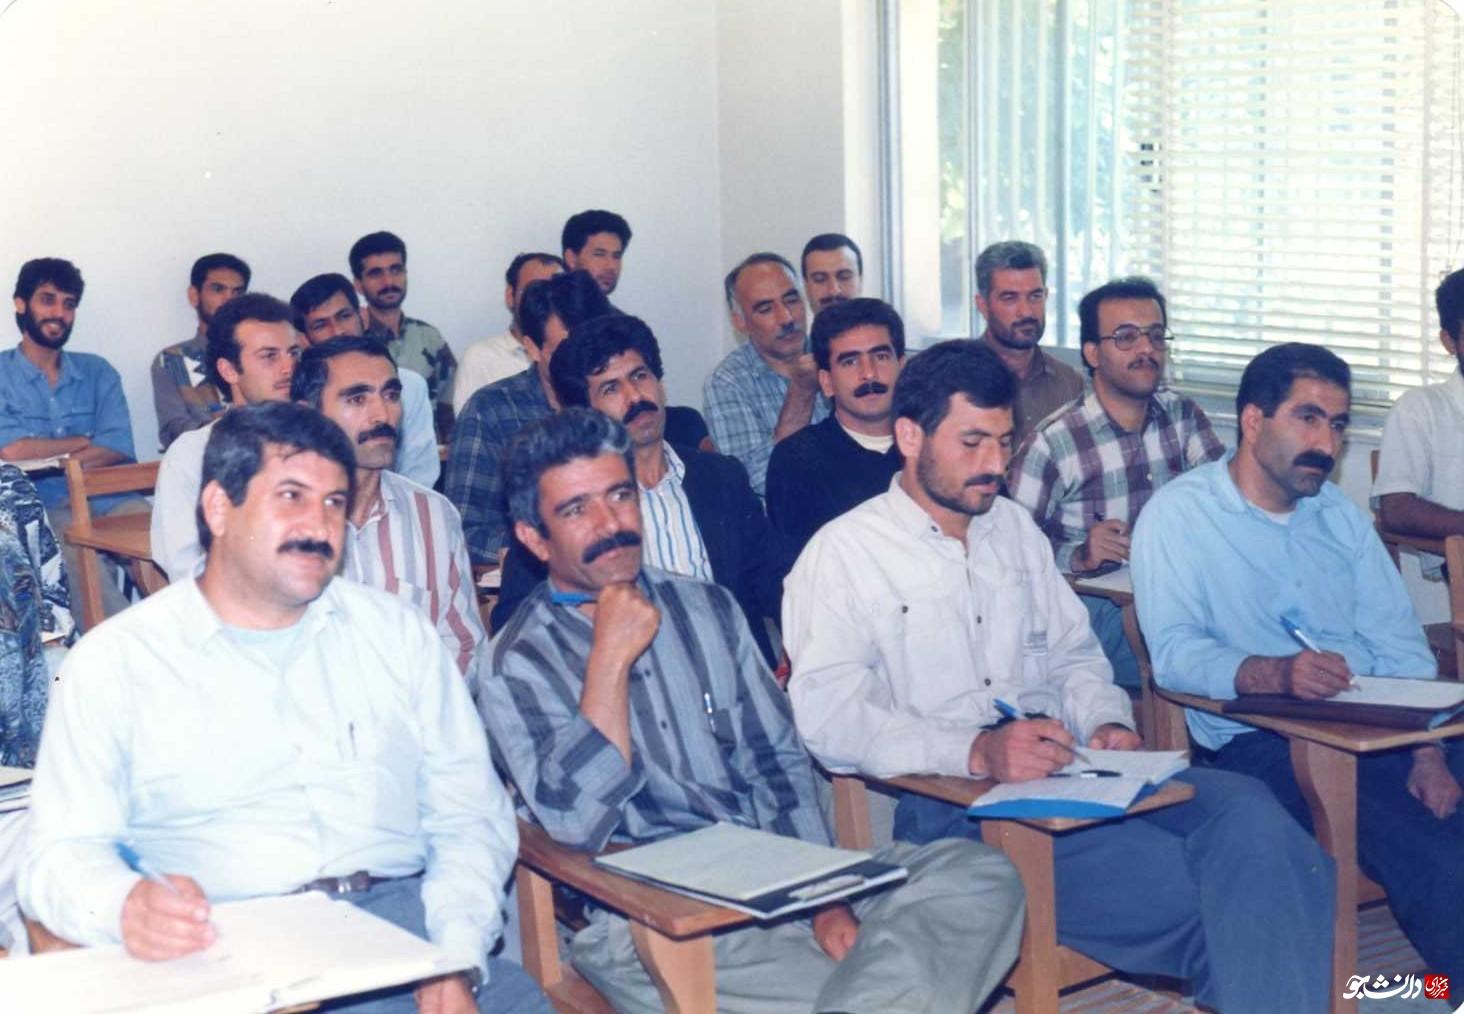 بماند/دانشکده محیط زیست کرج، مرکز تخصصی آموزش محیطبانی/ دانشگاهی که در بدو تاسیس تعهد استخدام داشت